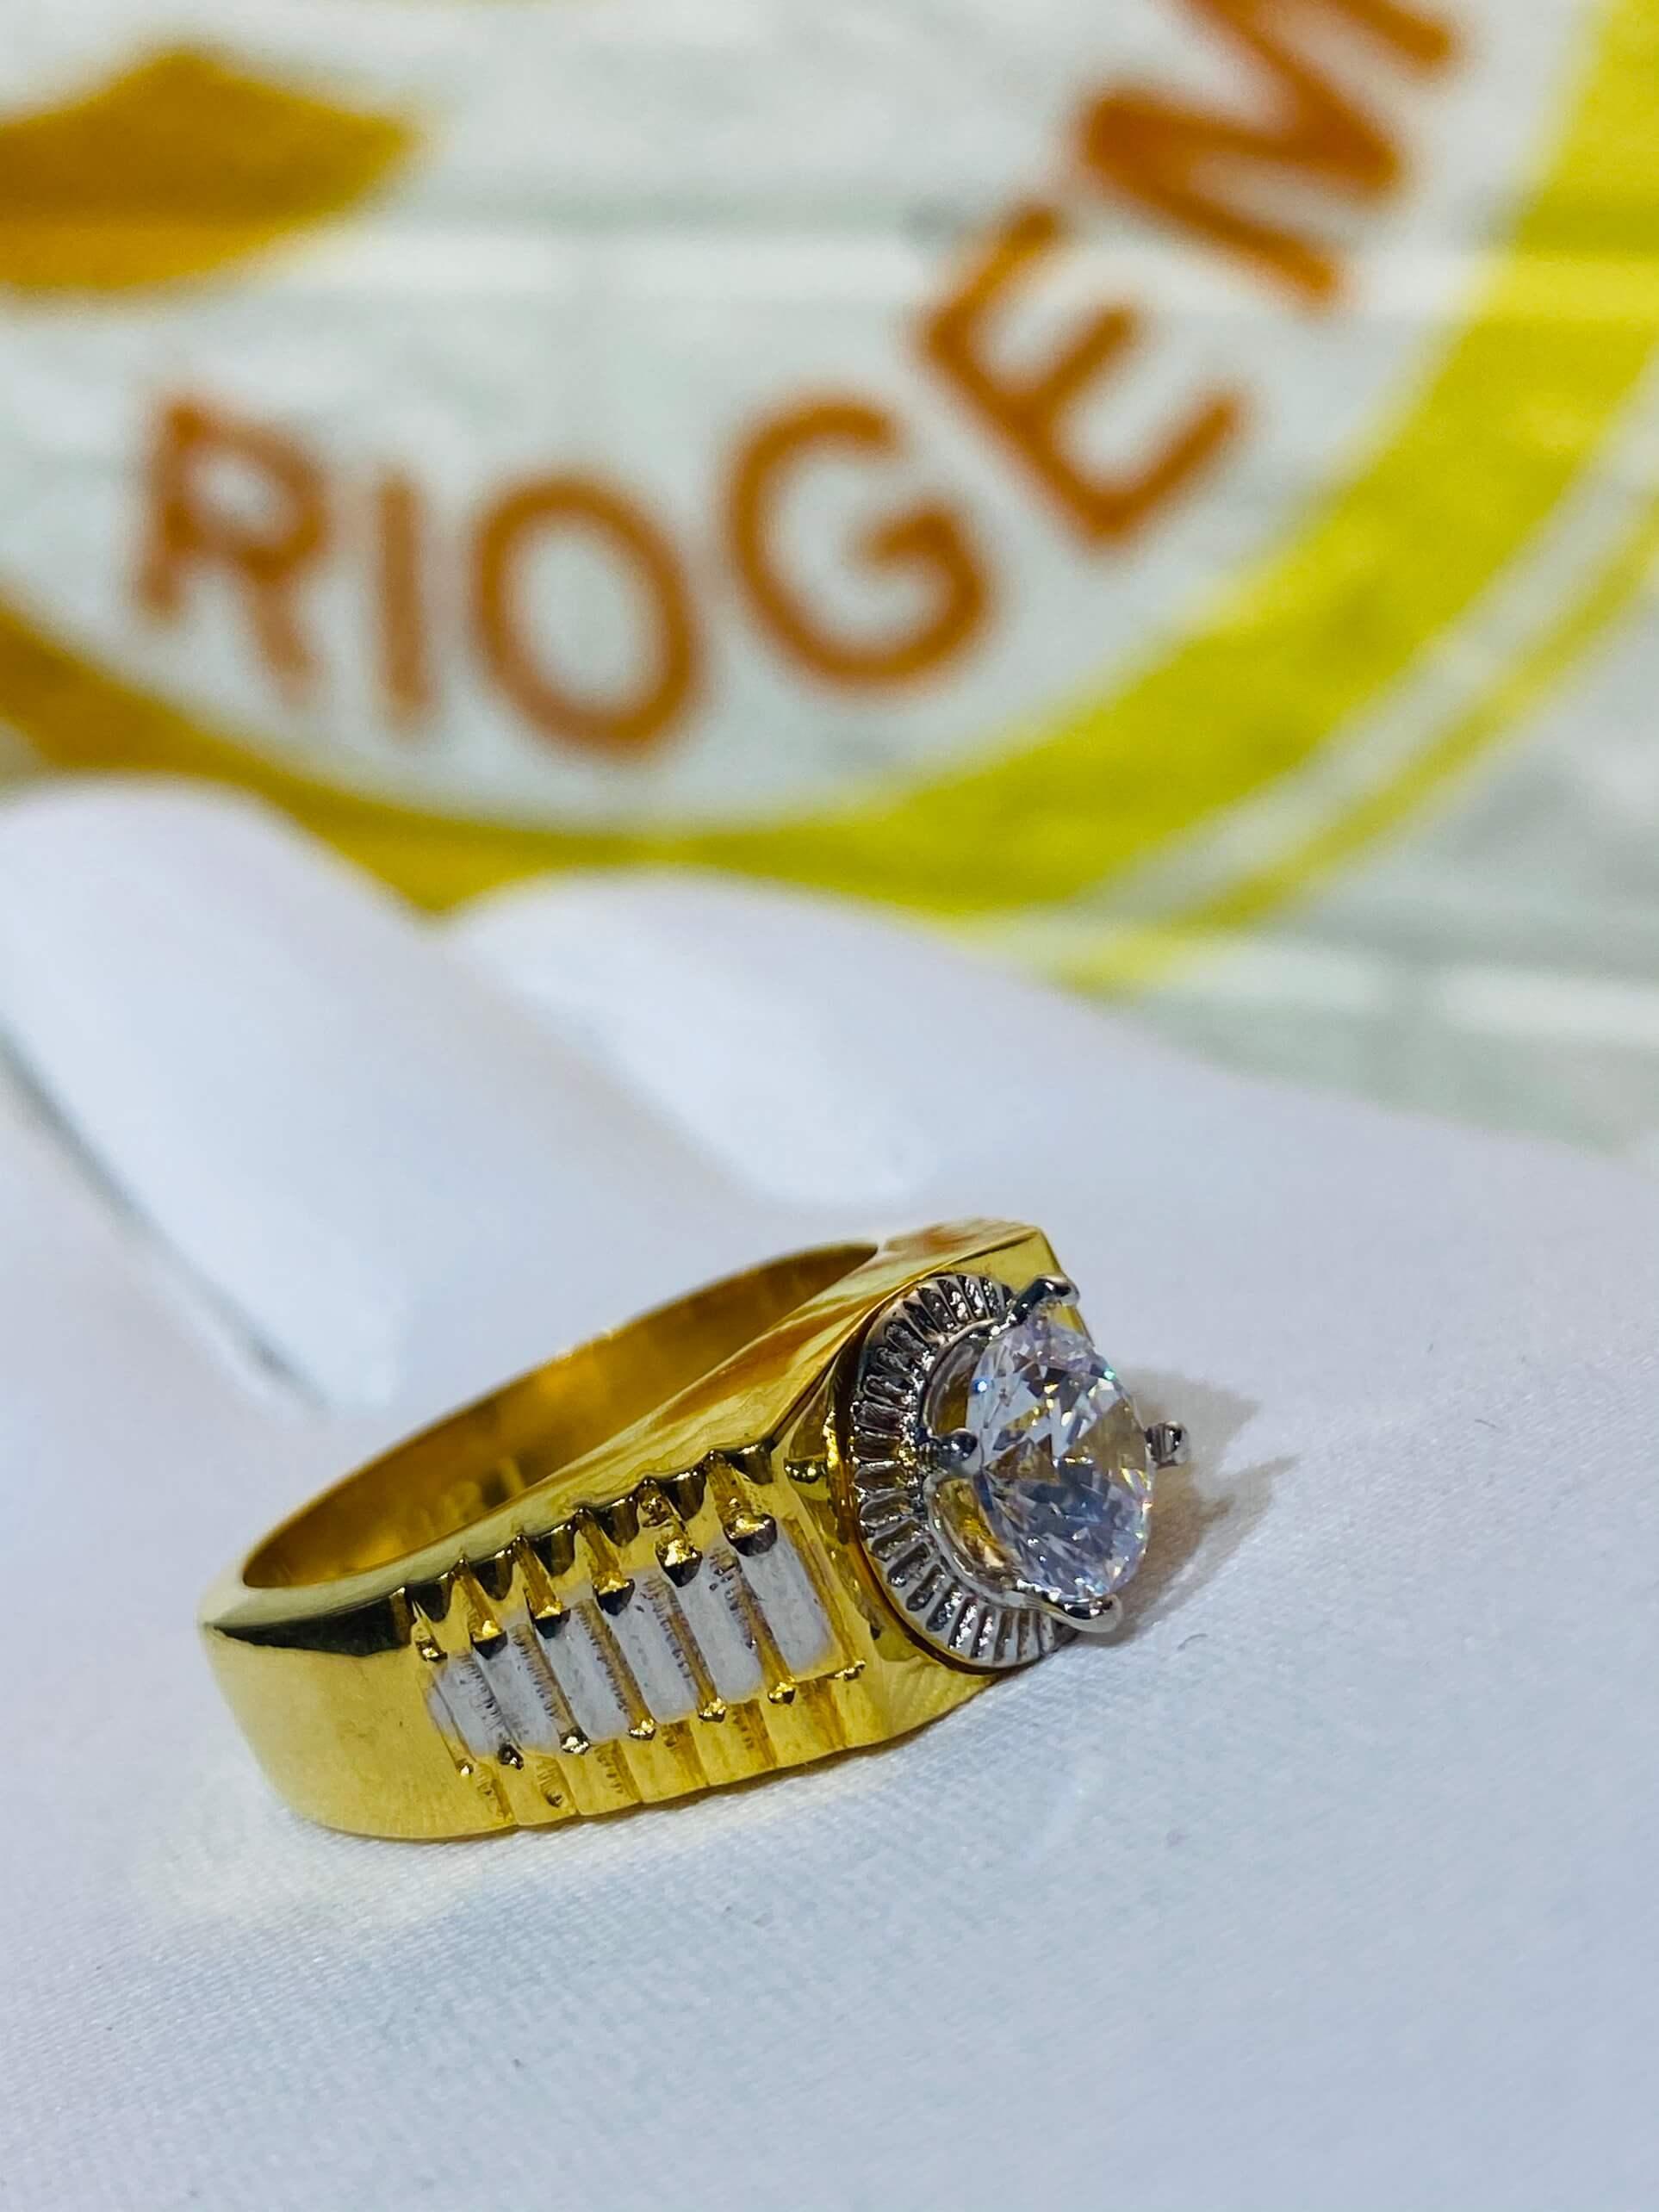 Nhẫn Rolex đính đá Zc phong thủy cho nam vàng 18K phong thủy, may mắn